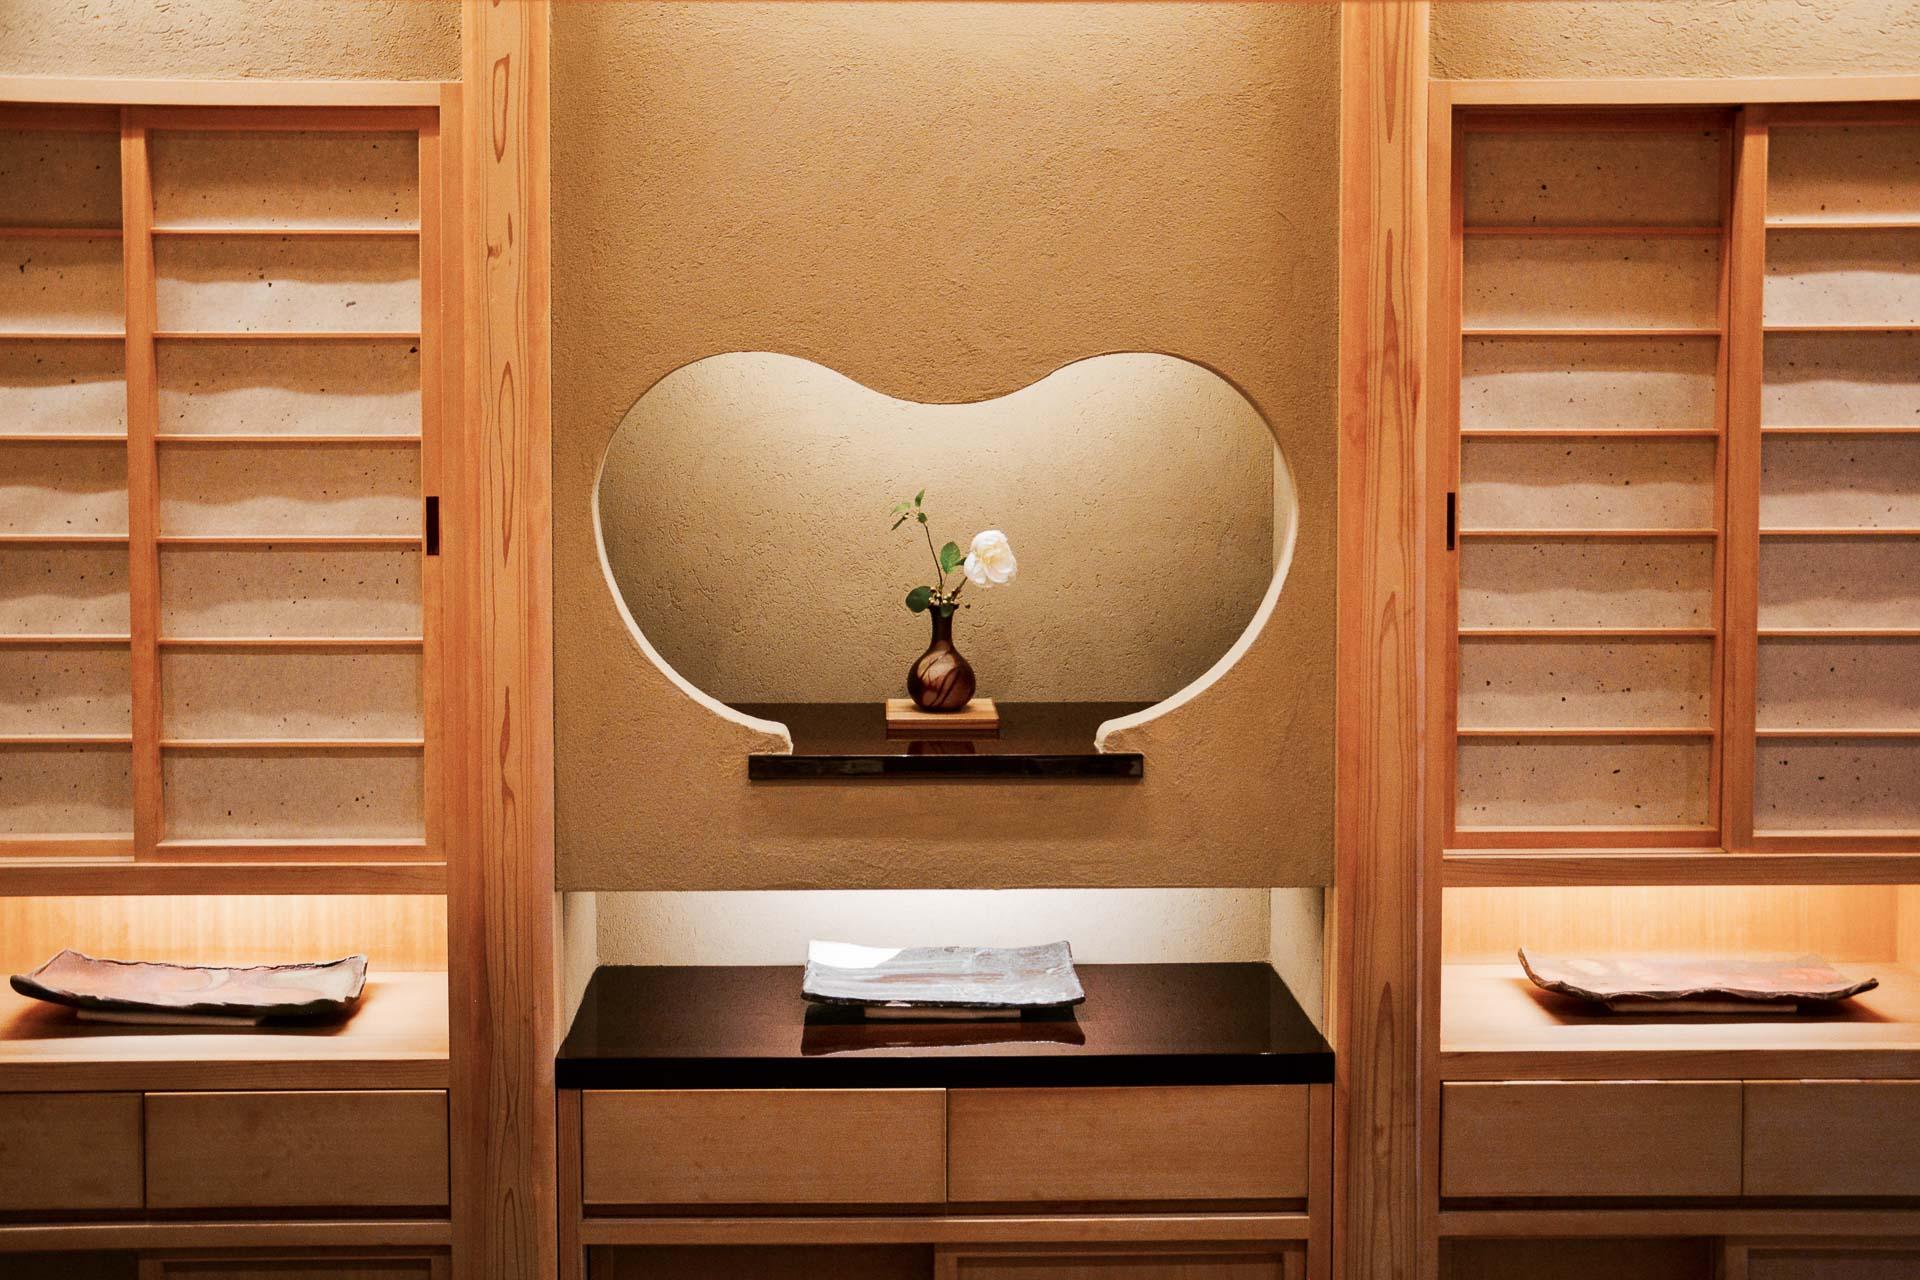 Depuis 2013, le chef japonais Toru Okuda, multi-étoilés en son pays, exerce son talent dans un restaurant confidentiel du Triangle d'or. Une occasion inespérée de goûter une très grande cuisine kaiseki, aussi raffinée qu'épurée, hors du Japon. Récit d'un dîner d'exception.